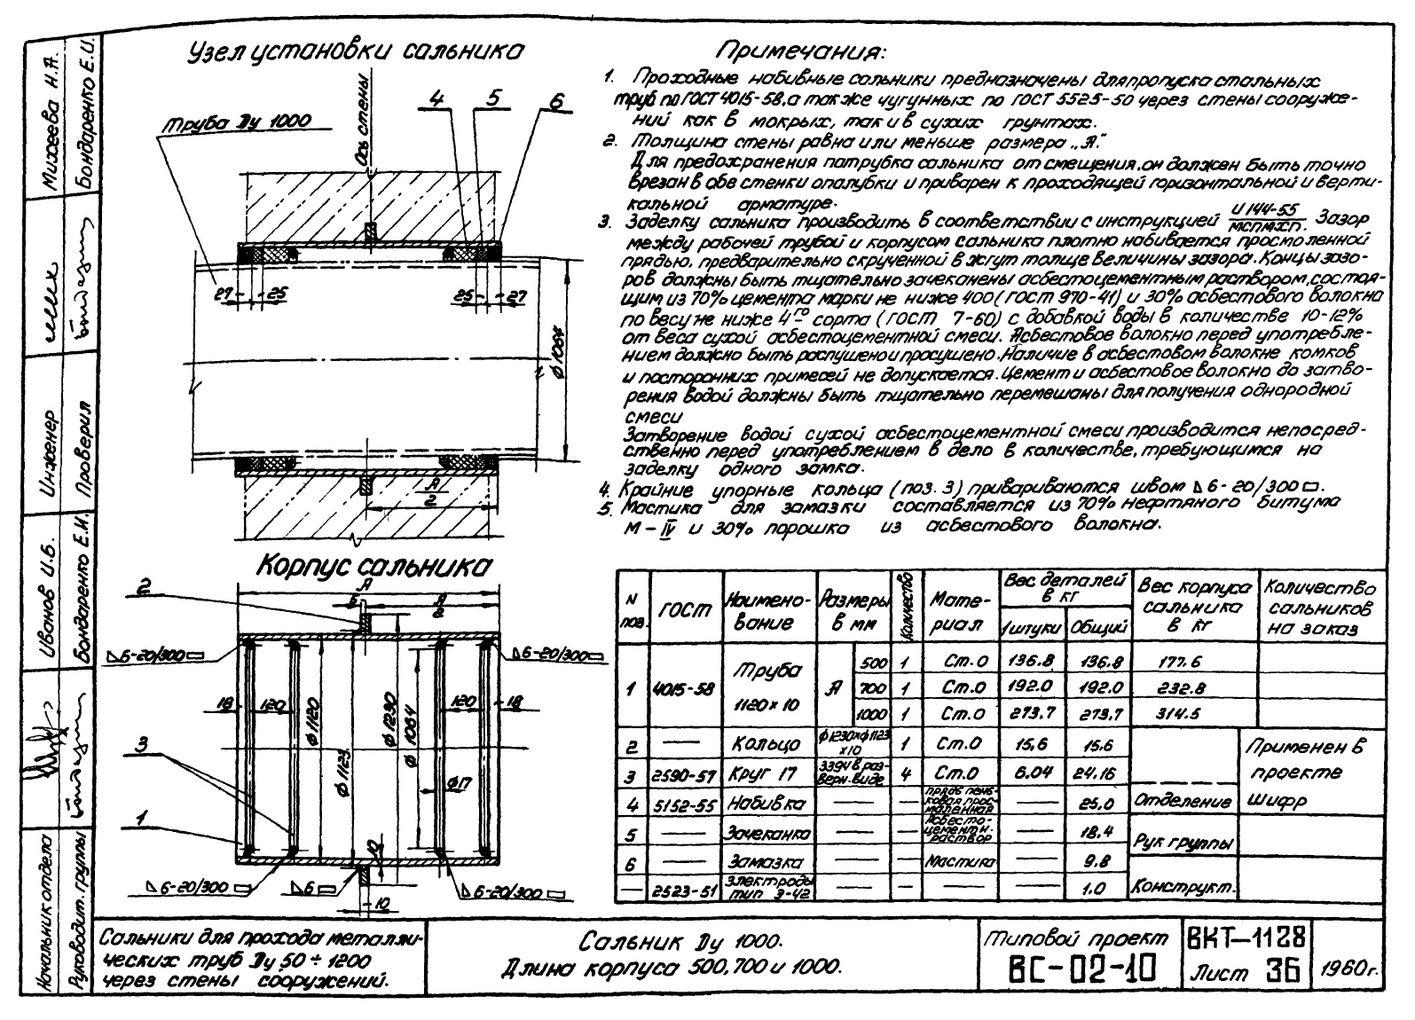 Сальники набивные L = 1000 мм типовой проект ВС-02-10 стр.17